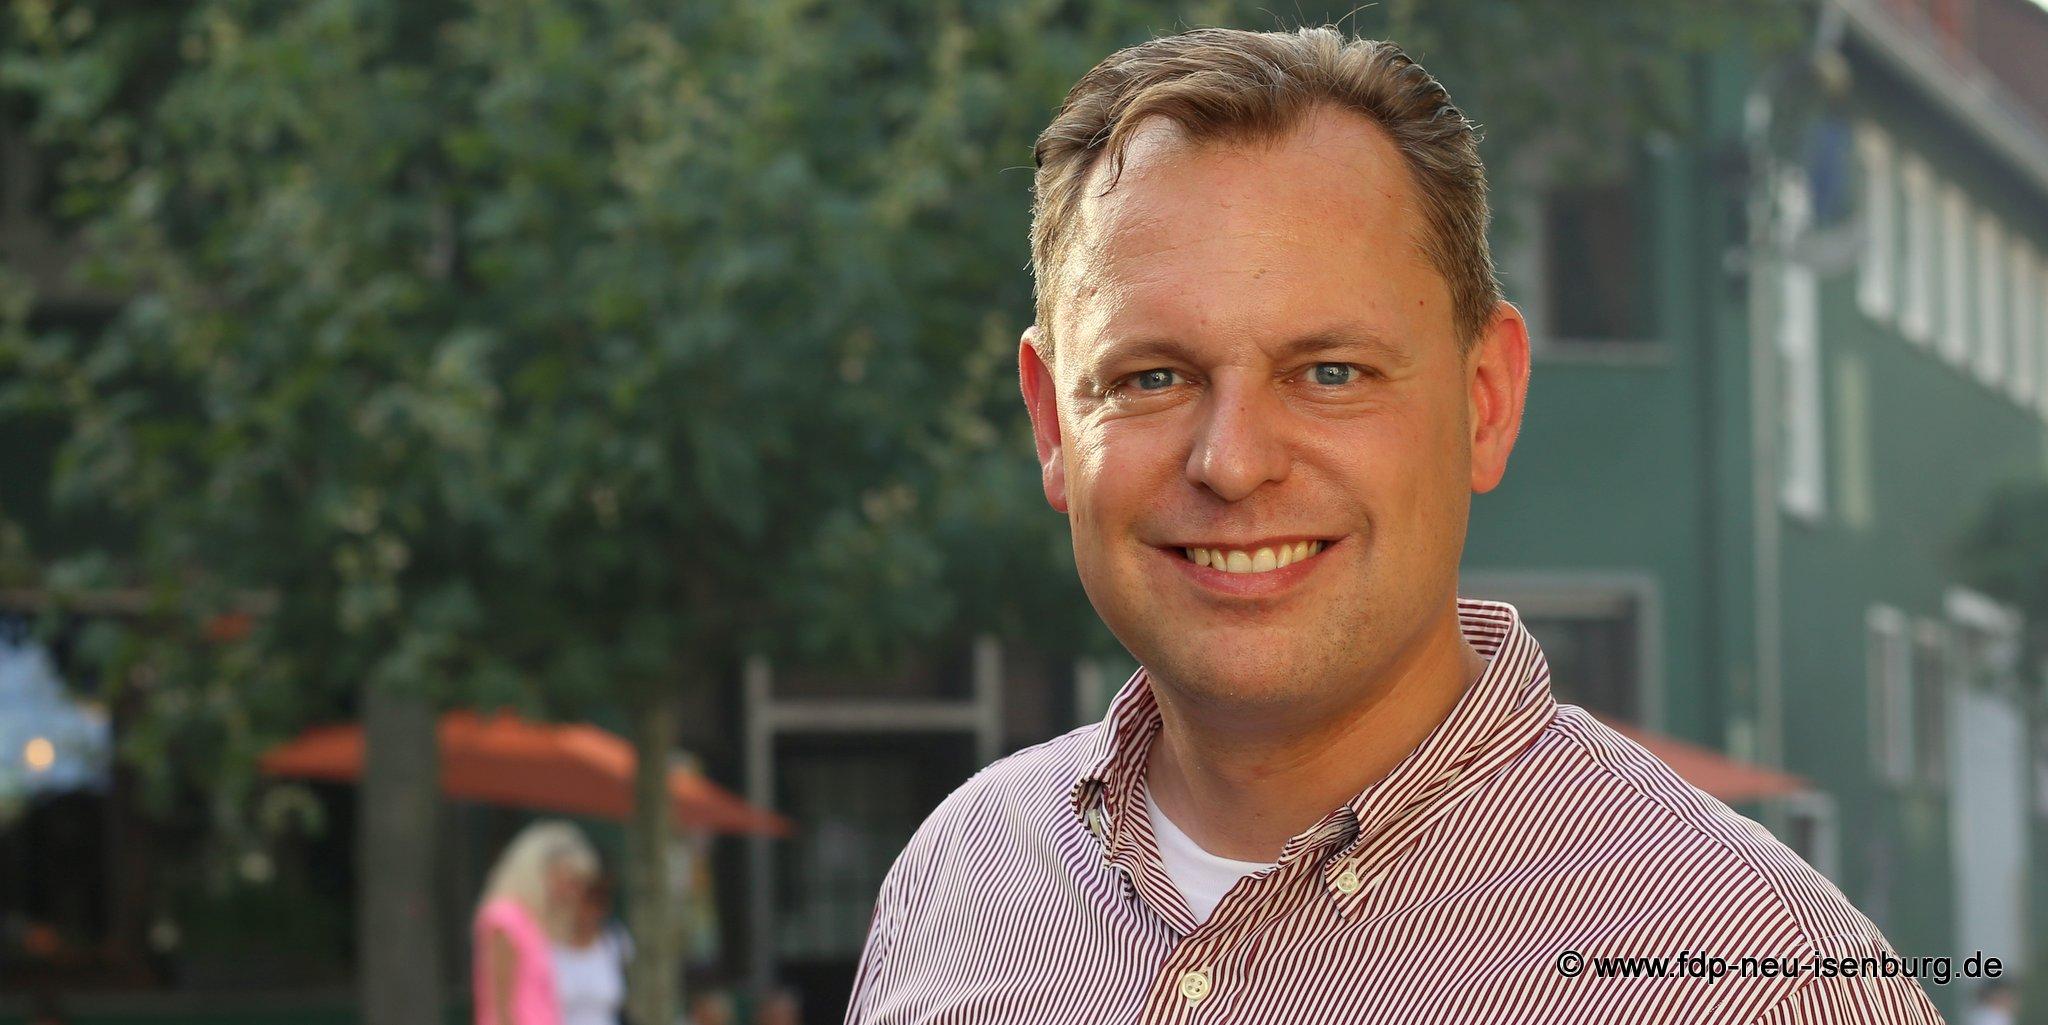 Thilo Seipel, Spitzenkandidat der FDP Neu-Isenburg zur Kommunalwahl.